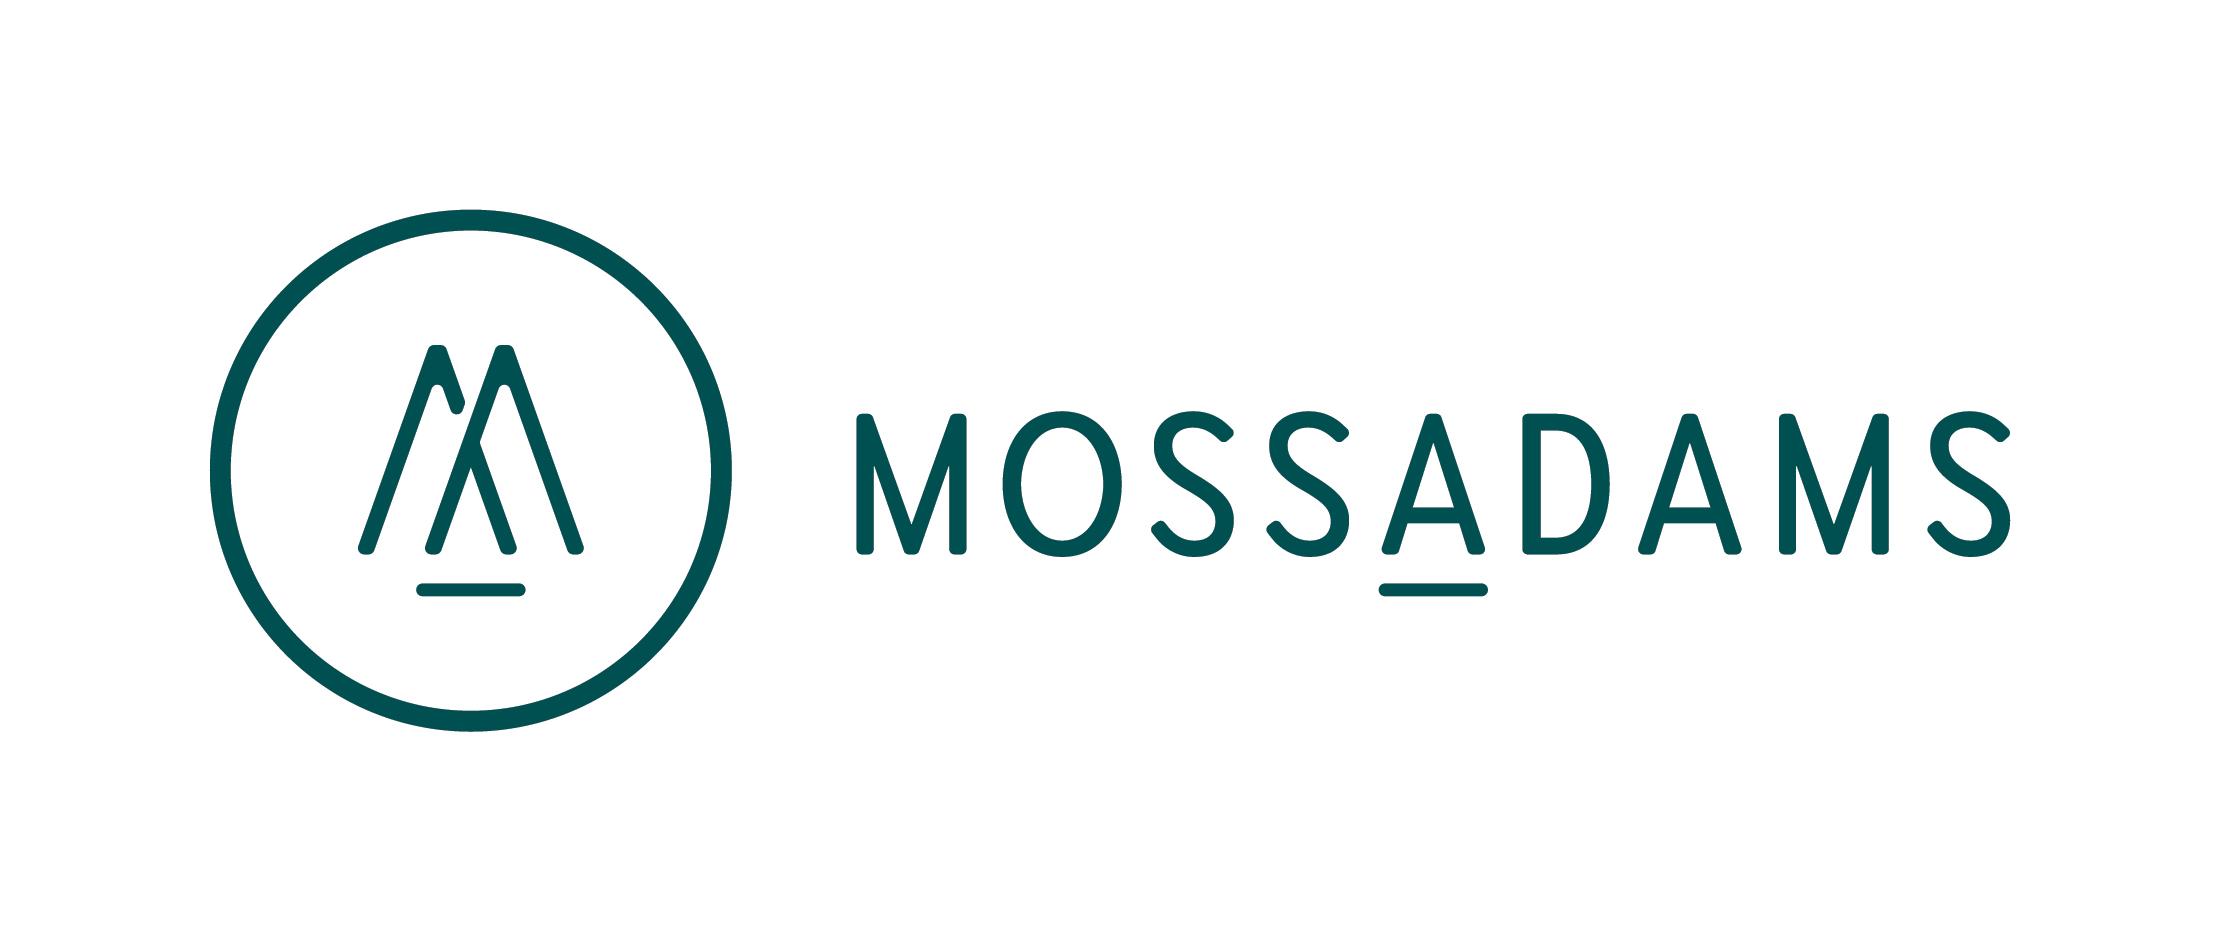 Moss Adams LLP